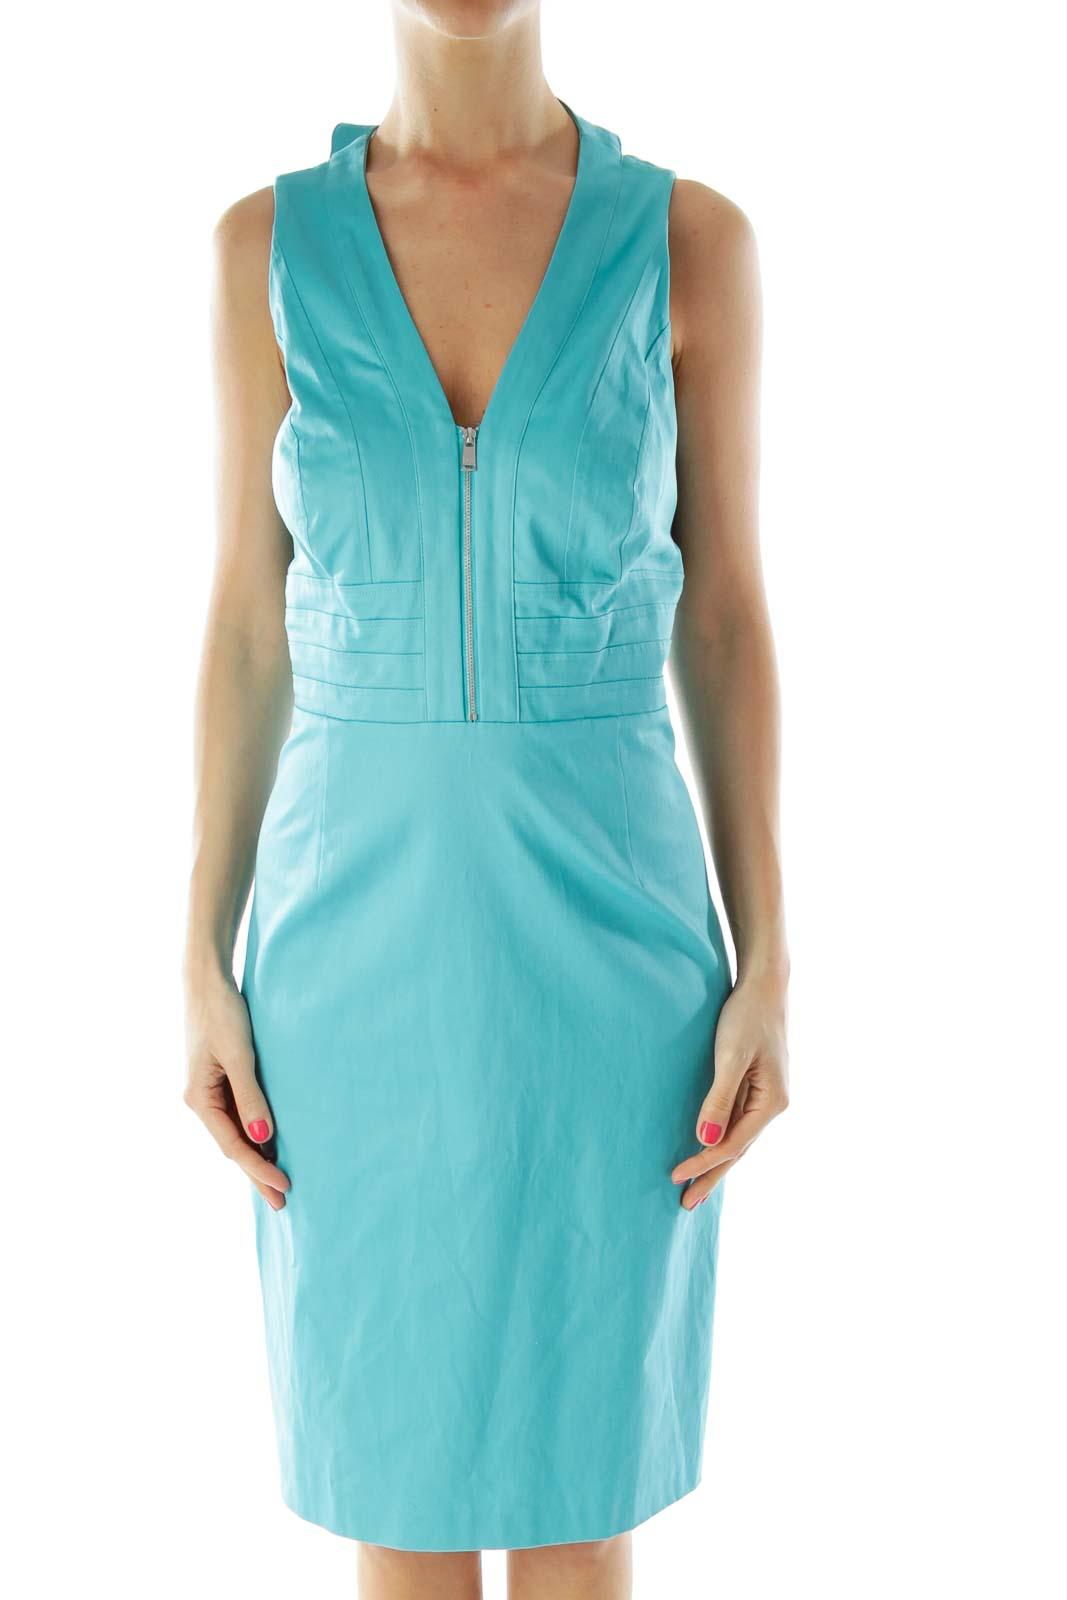 Blue Zippered Cocktail Dress